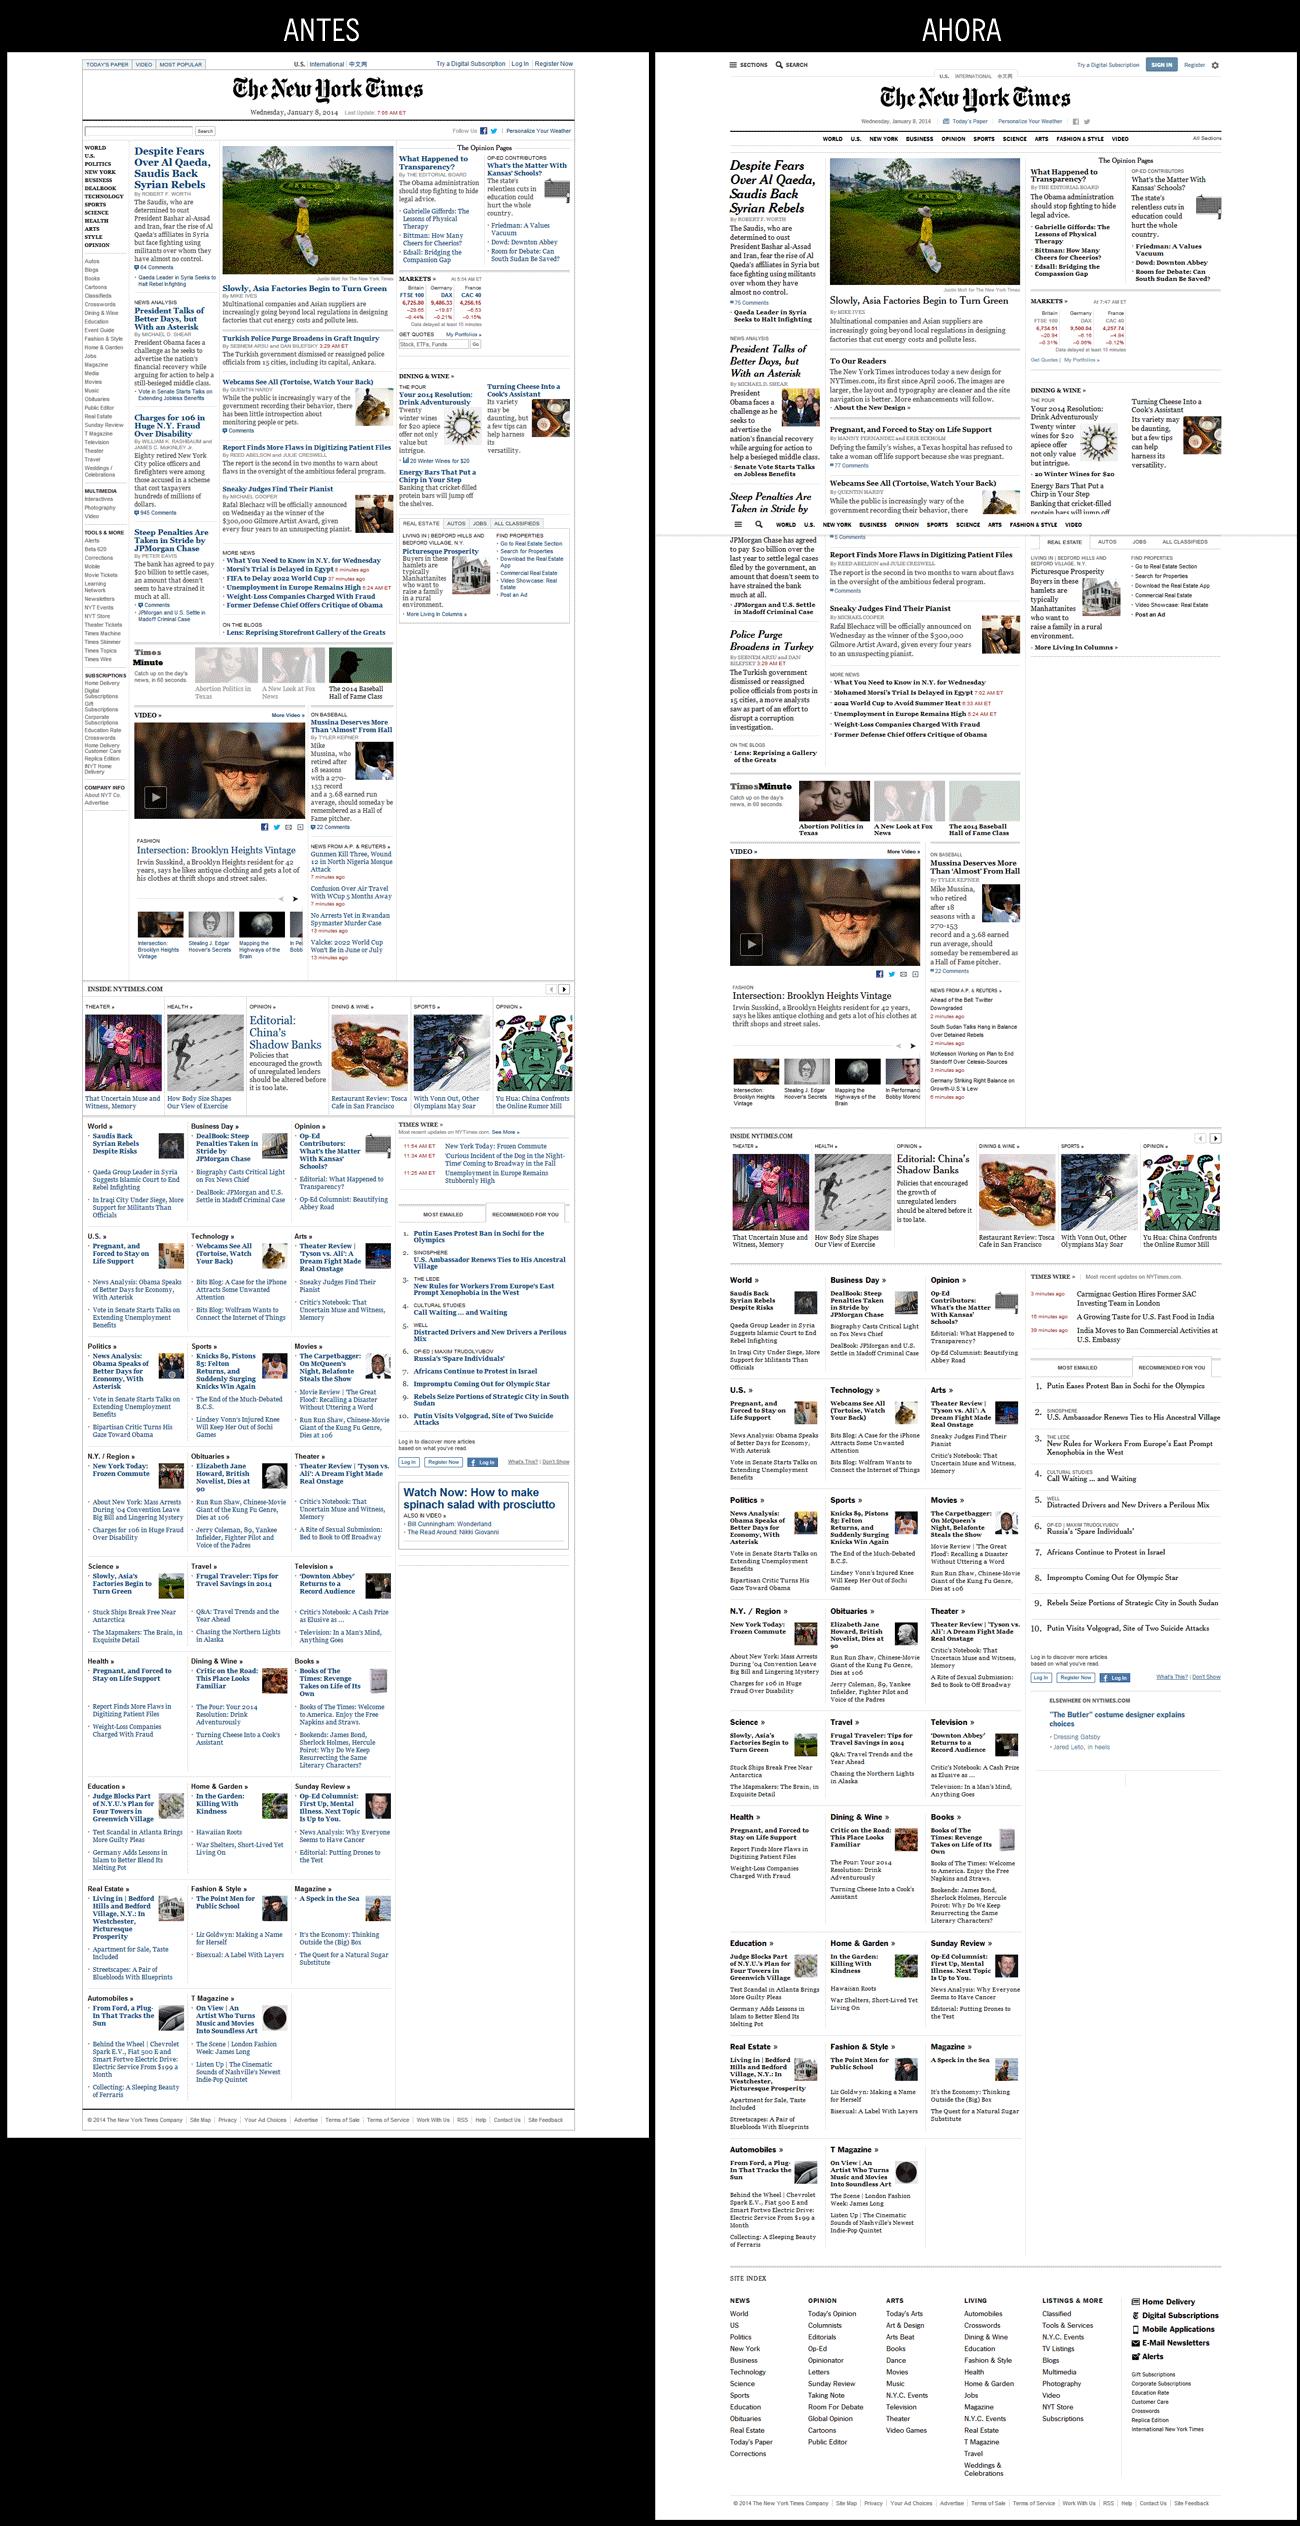 Portada de NYTimes.com (2014/1/8), antes y después del rediseño